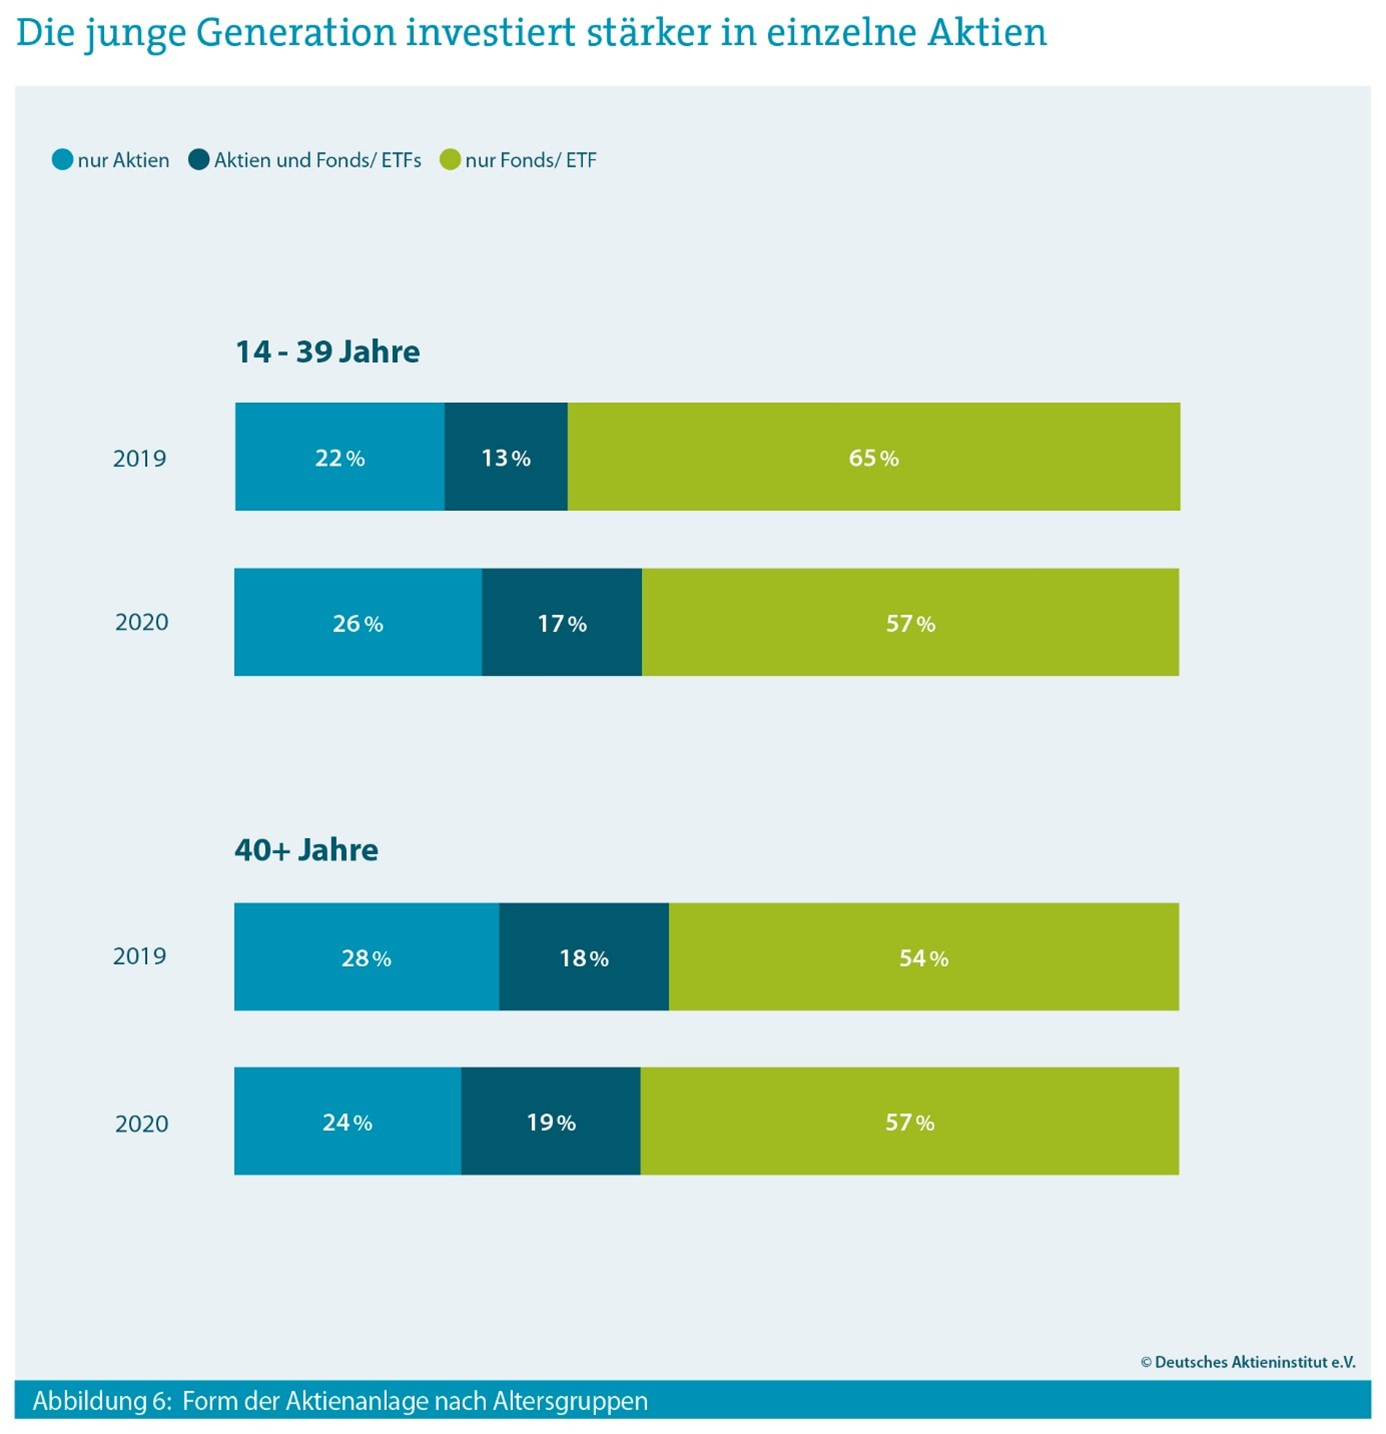 Die junge Generation investiert stärker in einzelne Aktien